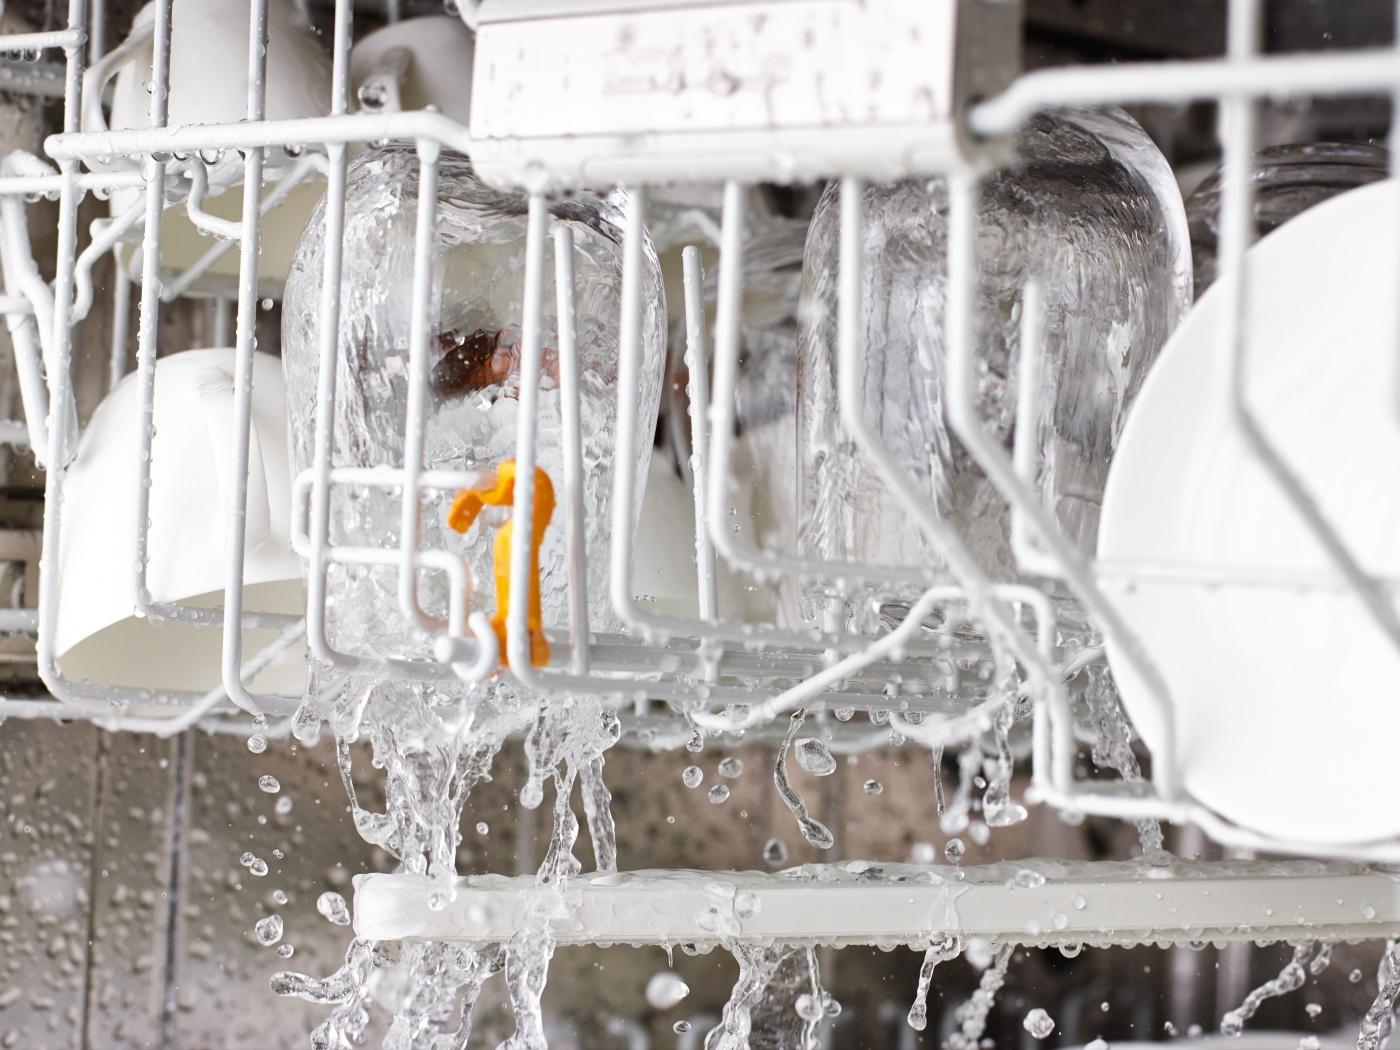 Verswaterafwasautomaat vanaf 6,5 l waterverbruik